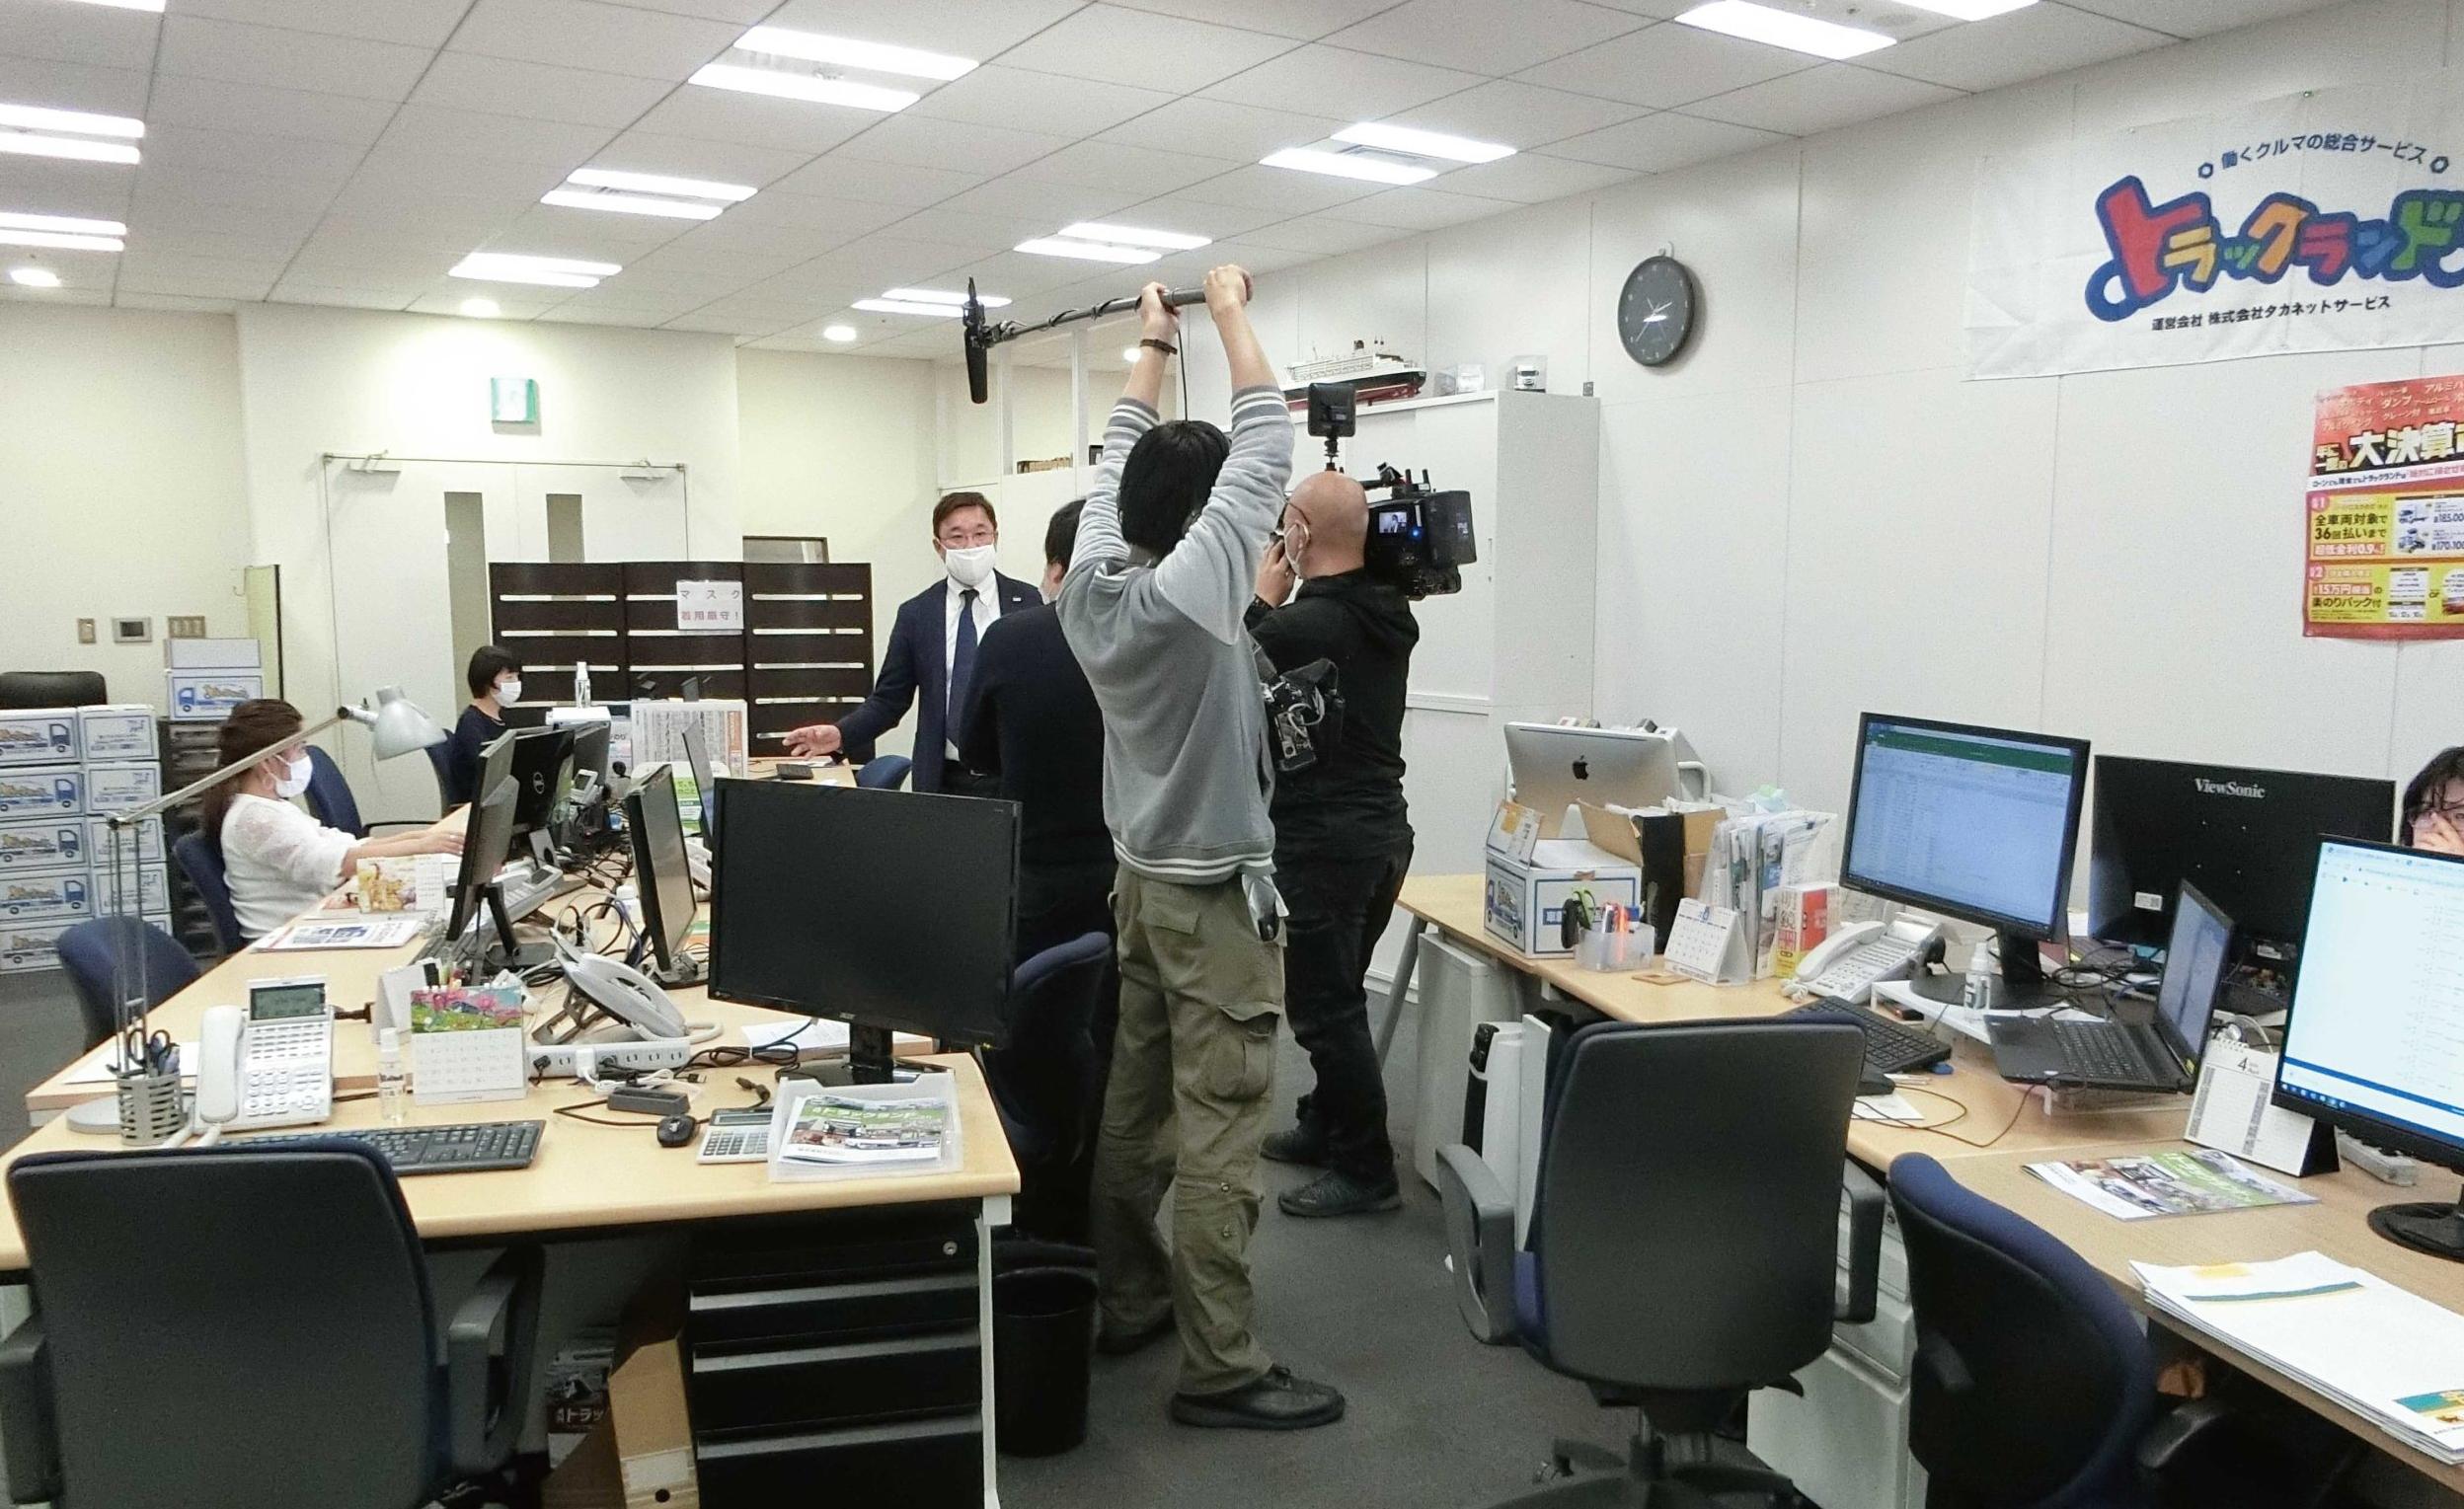 テレワーク期間中NHK取材の様子